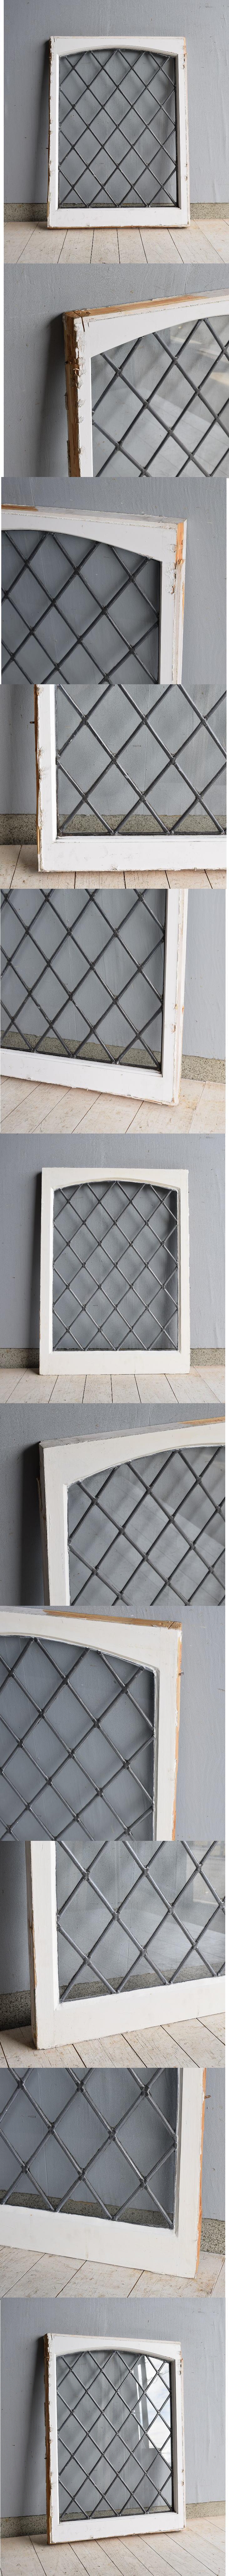 イギリス アンティーク 窓 ディスプレイ 建具 7577